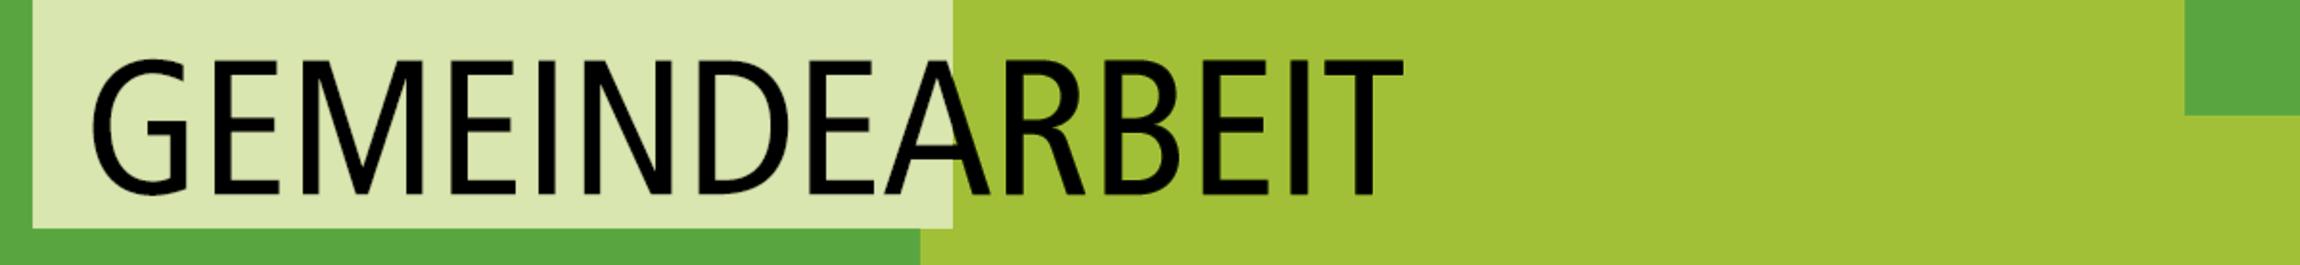 gemeindearbeit_schrift